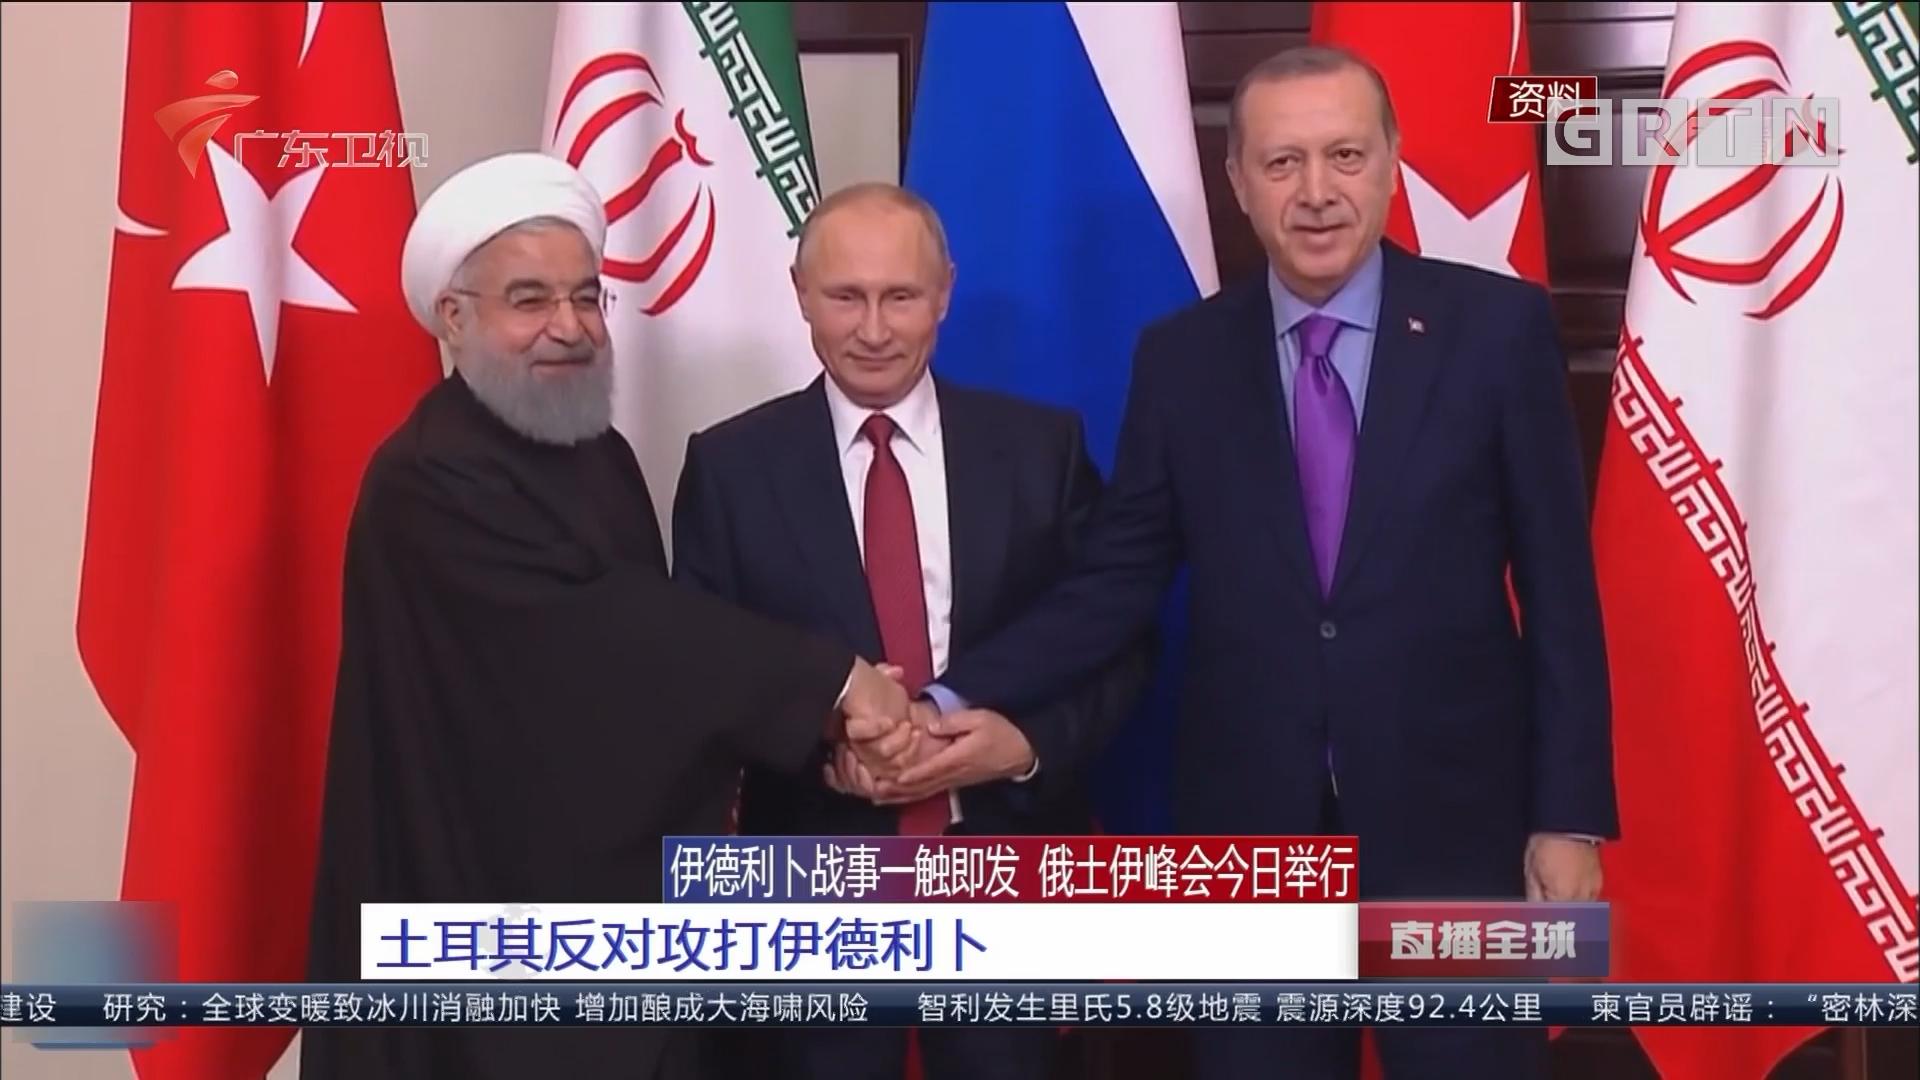 伊德利卜战事一触即发 俄土伊峰会今日举行:土耳其反对攻打伊德利卜